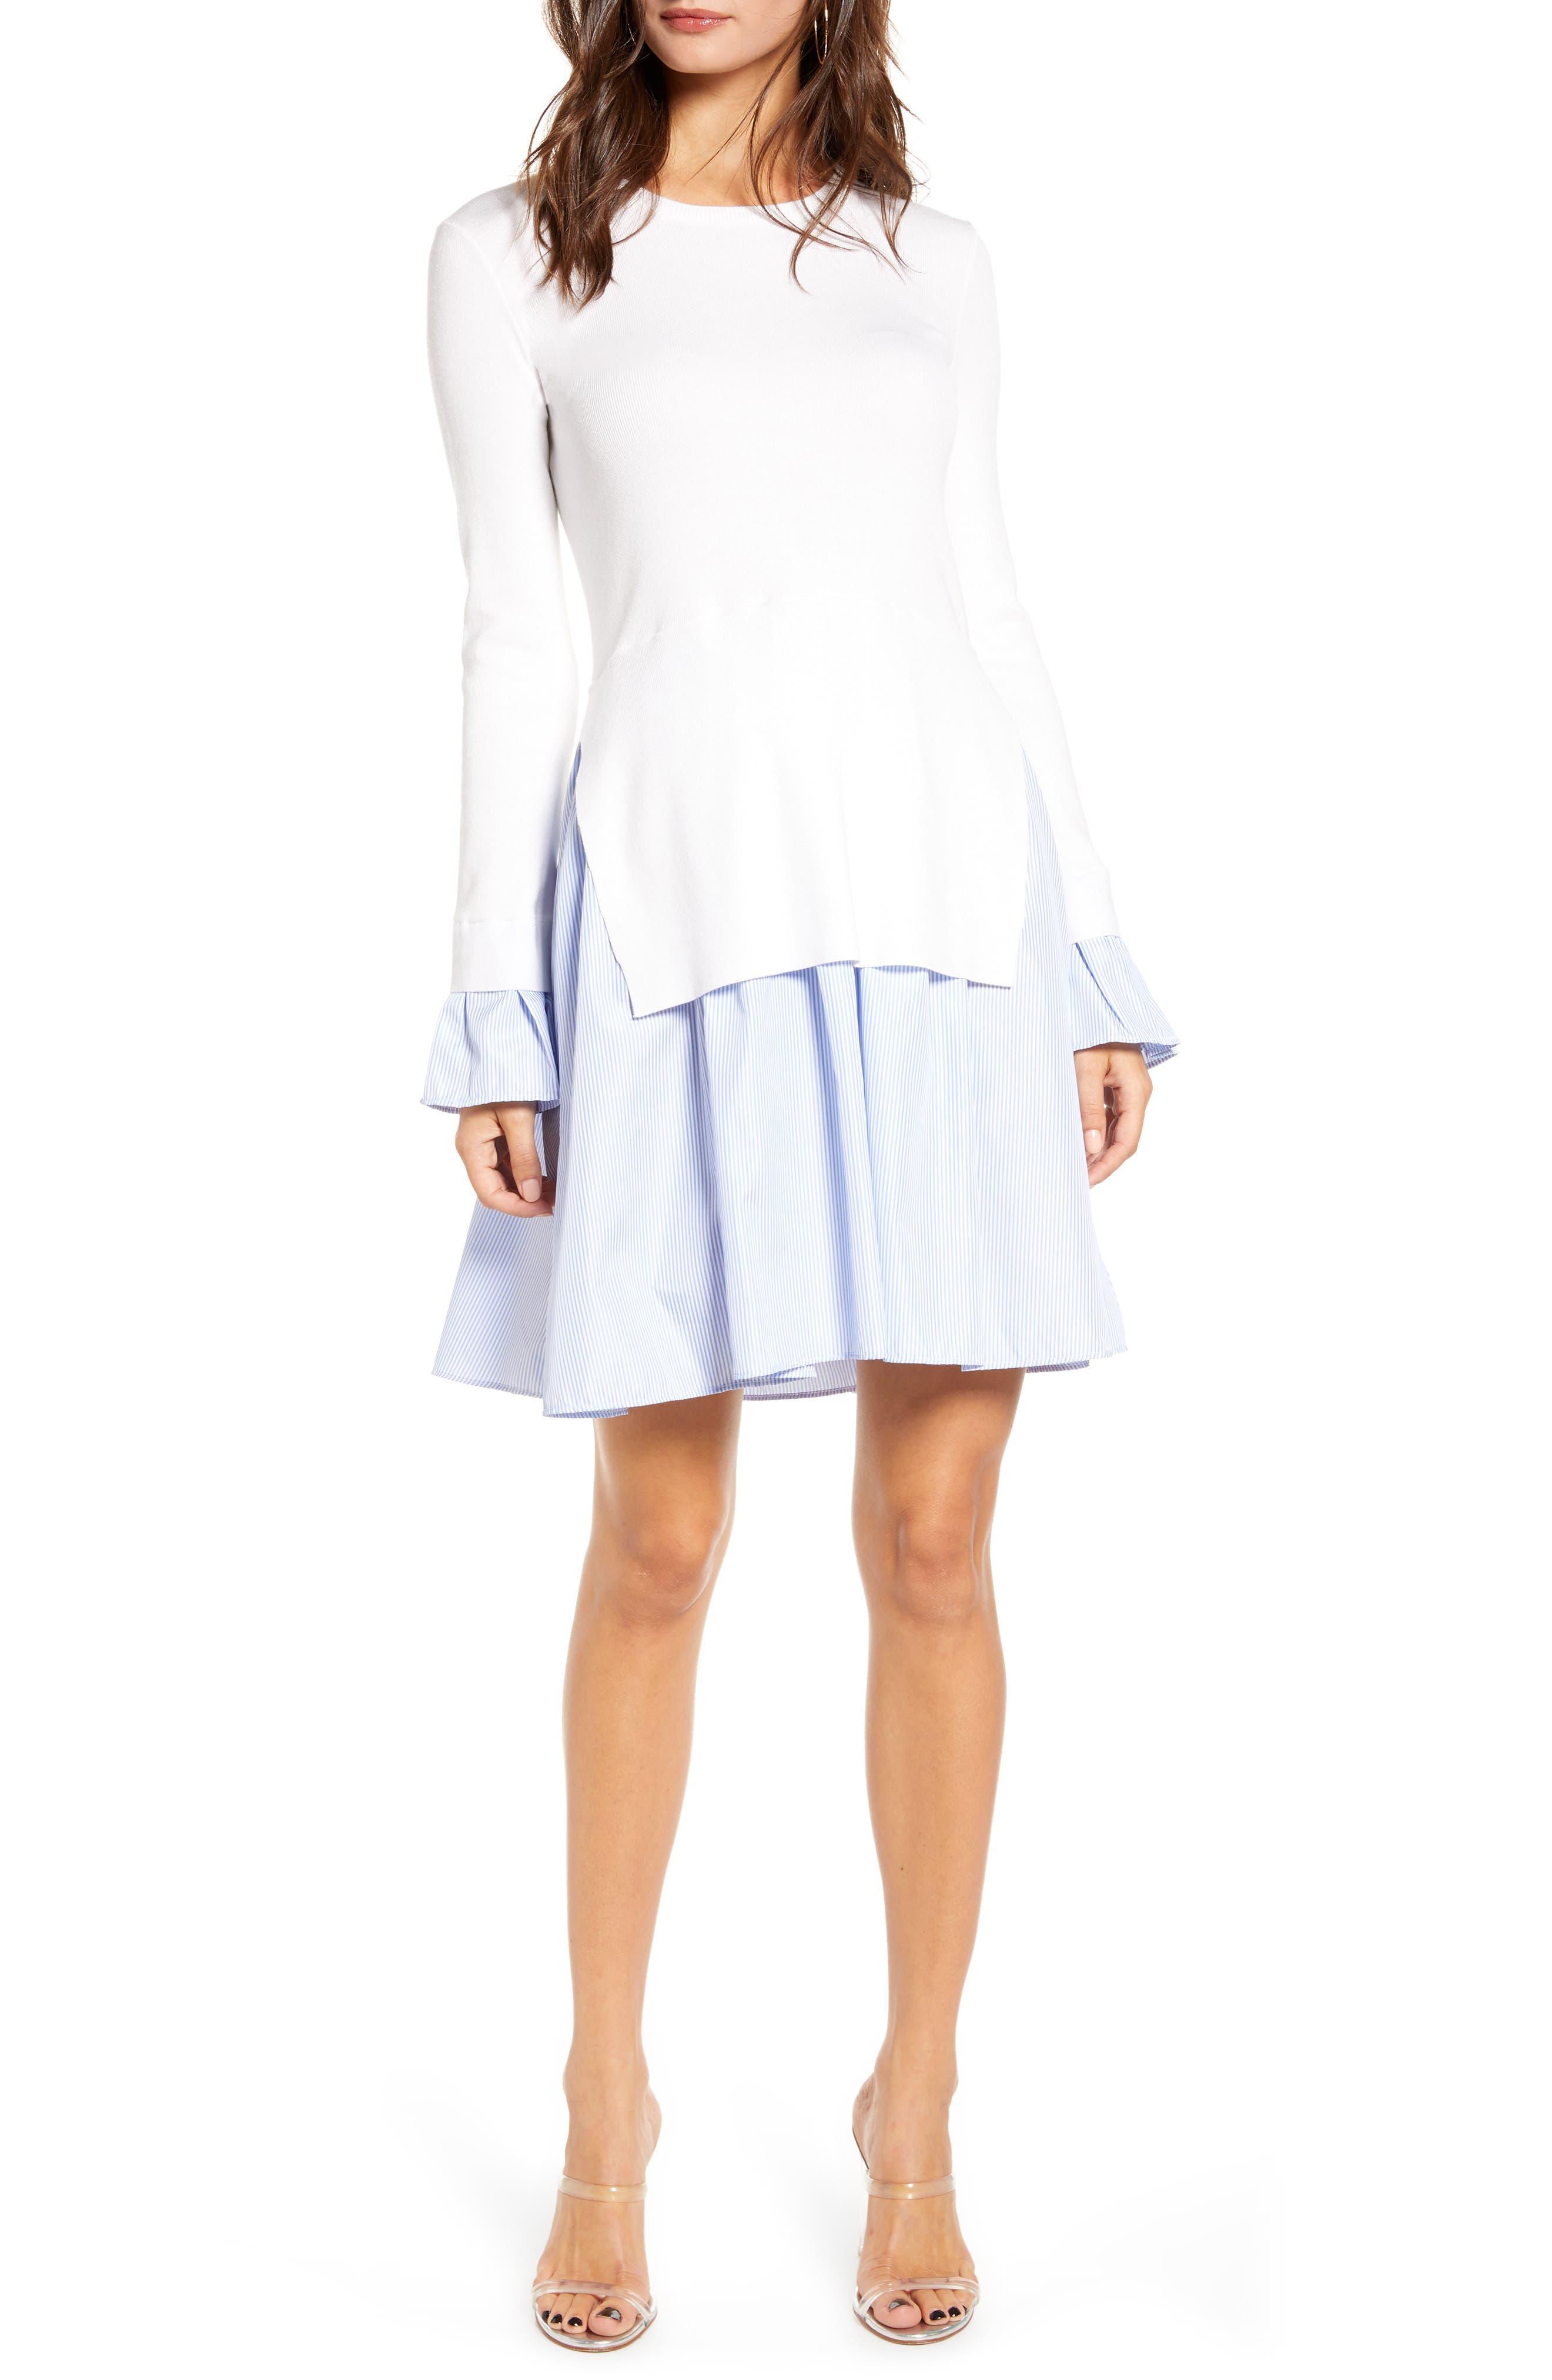 Combo Knit & Poplin Dress